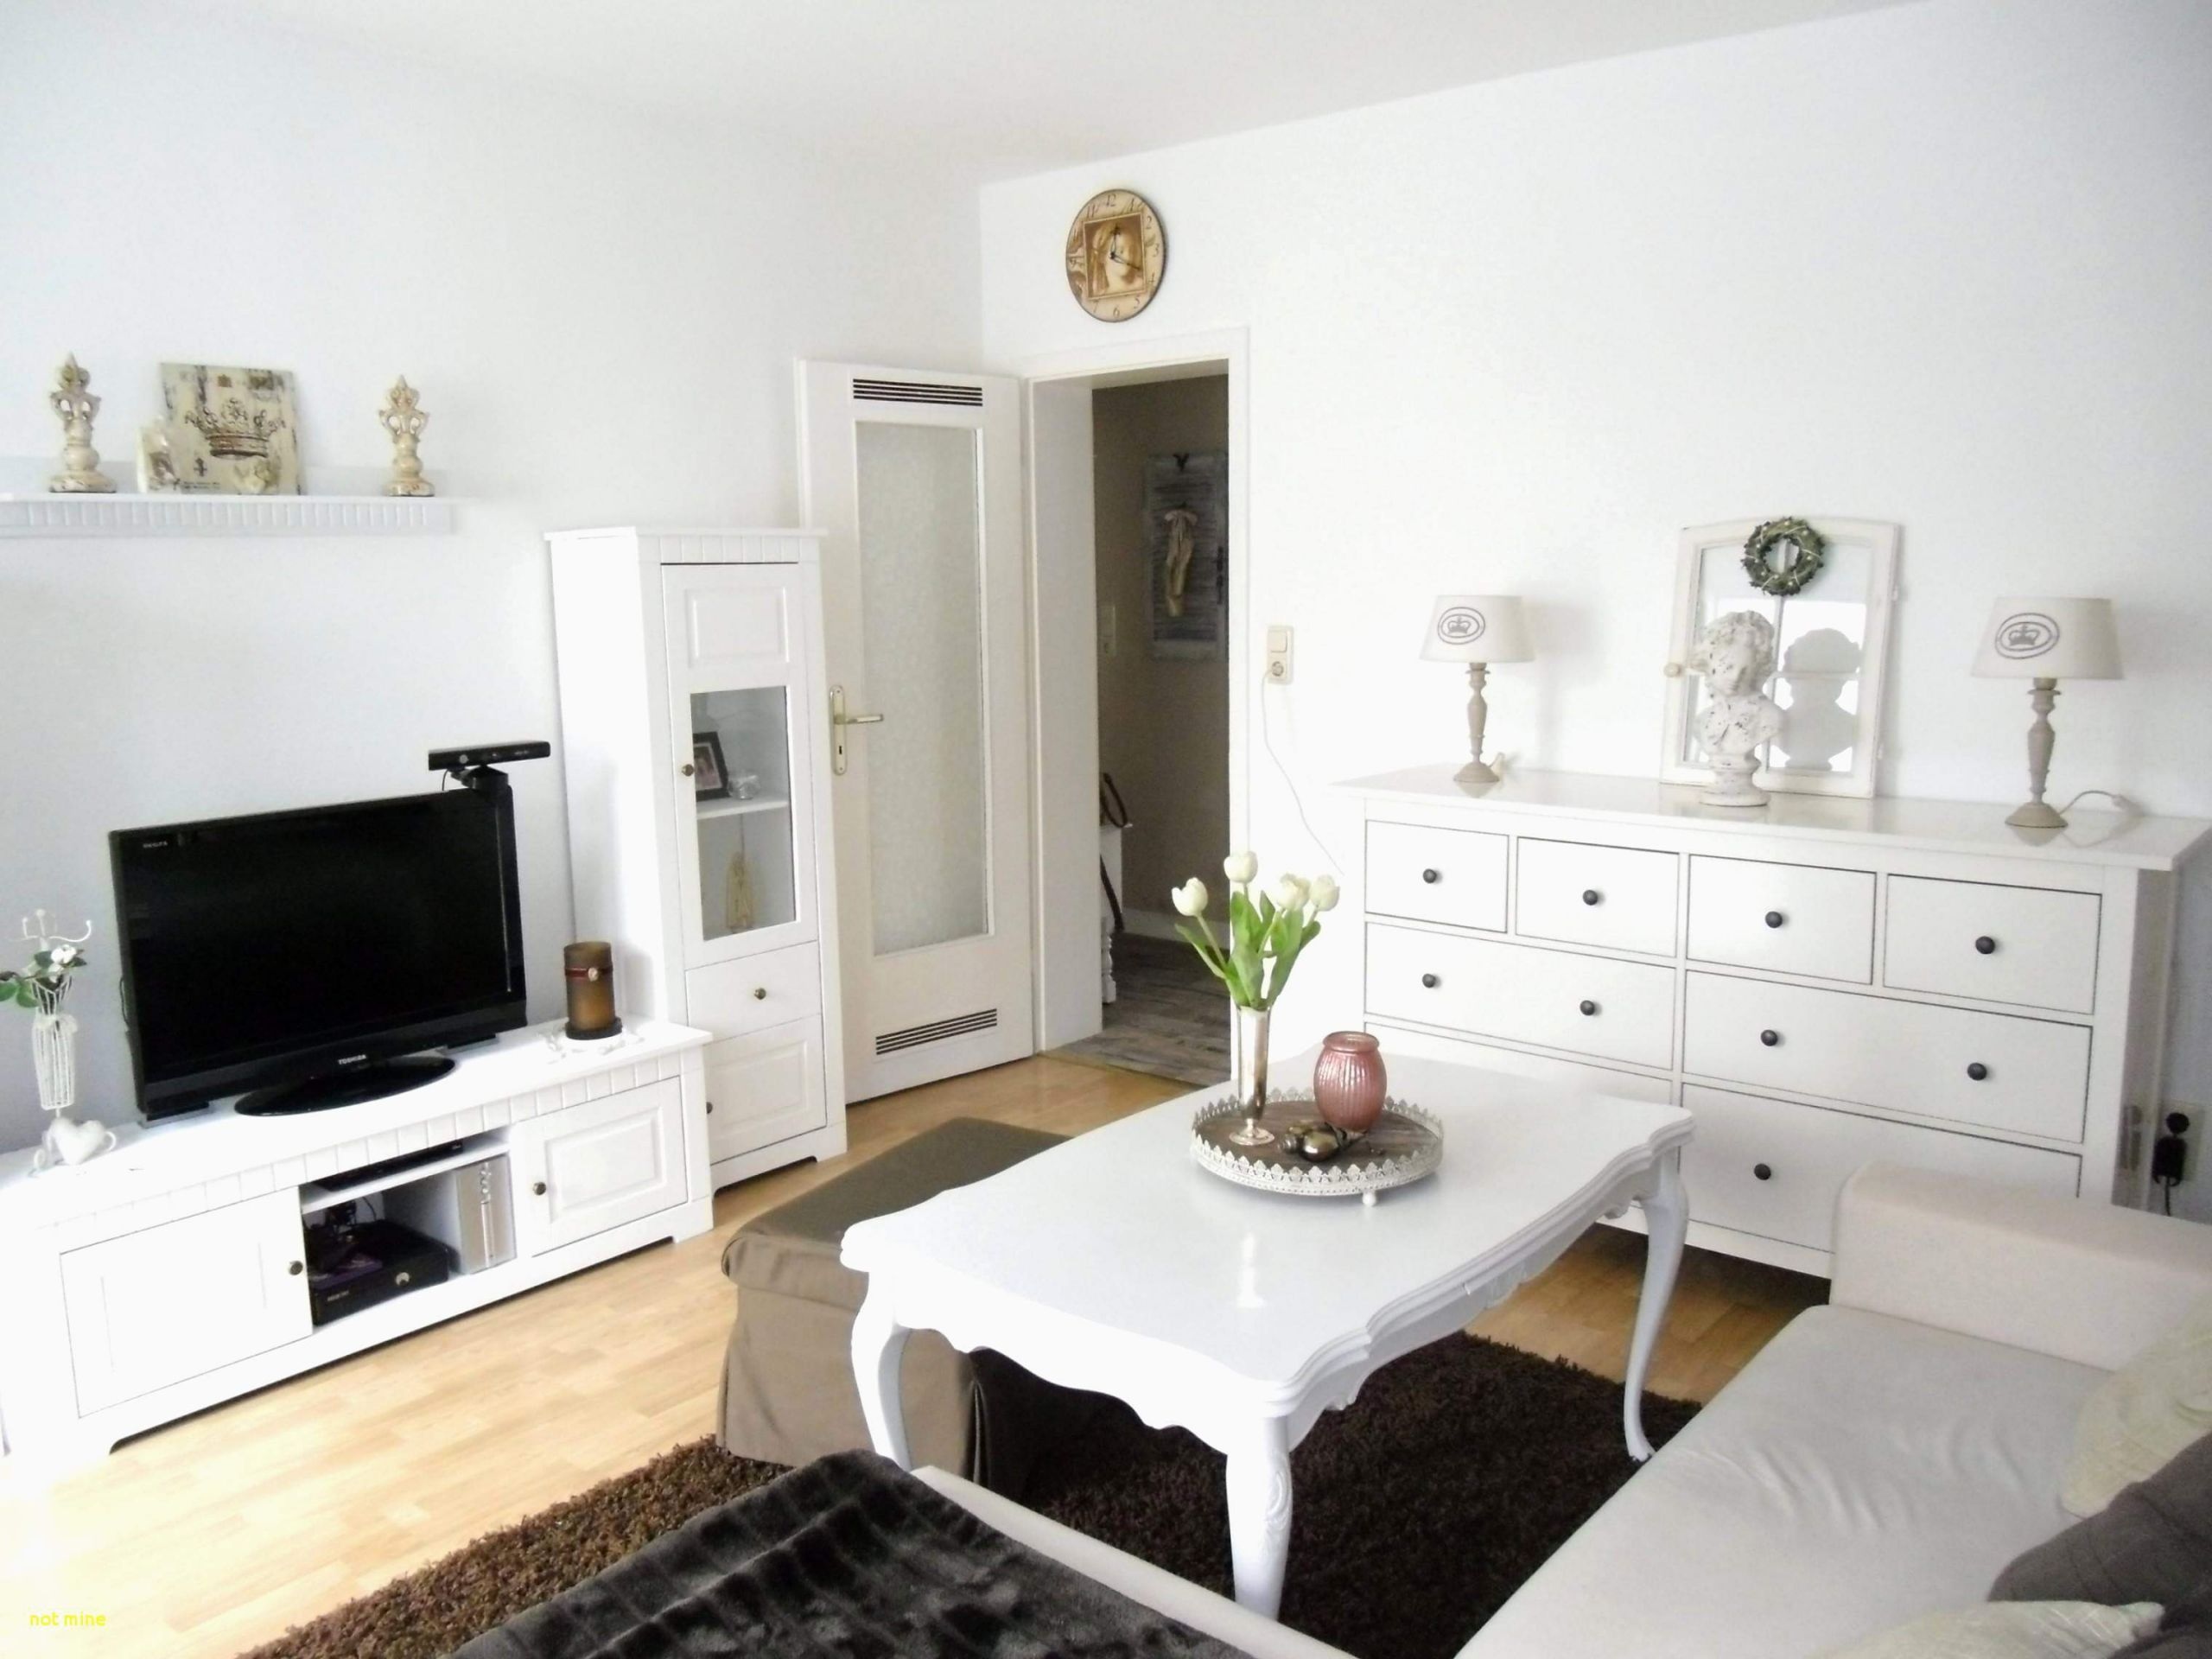 wohnzimmer deko online shop genial luxus mobel wohnzimmer design besten ideen ses jahr of wohnzimmer deko online shop scaled